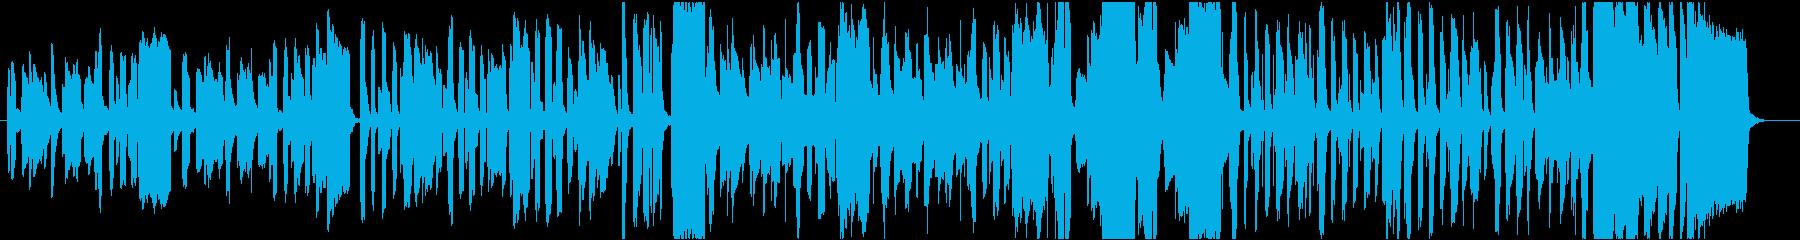 ほのぼのちょっと怪しげなリコーダーの再生済みの波形